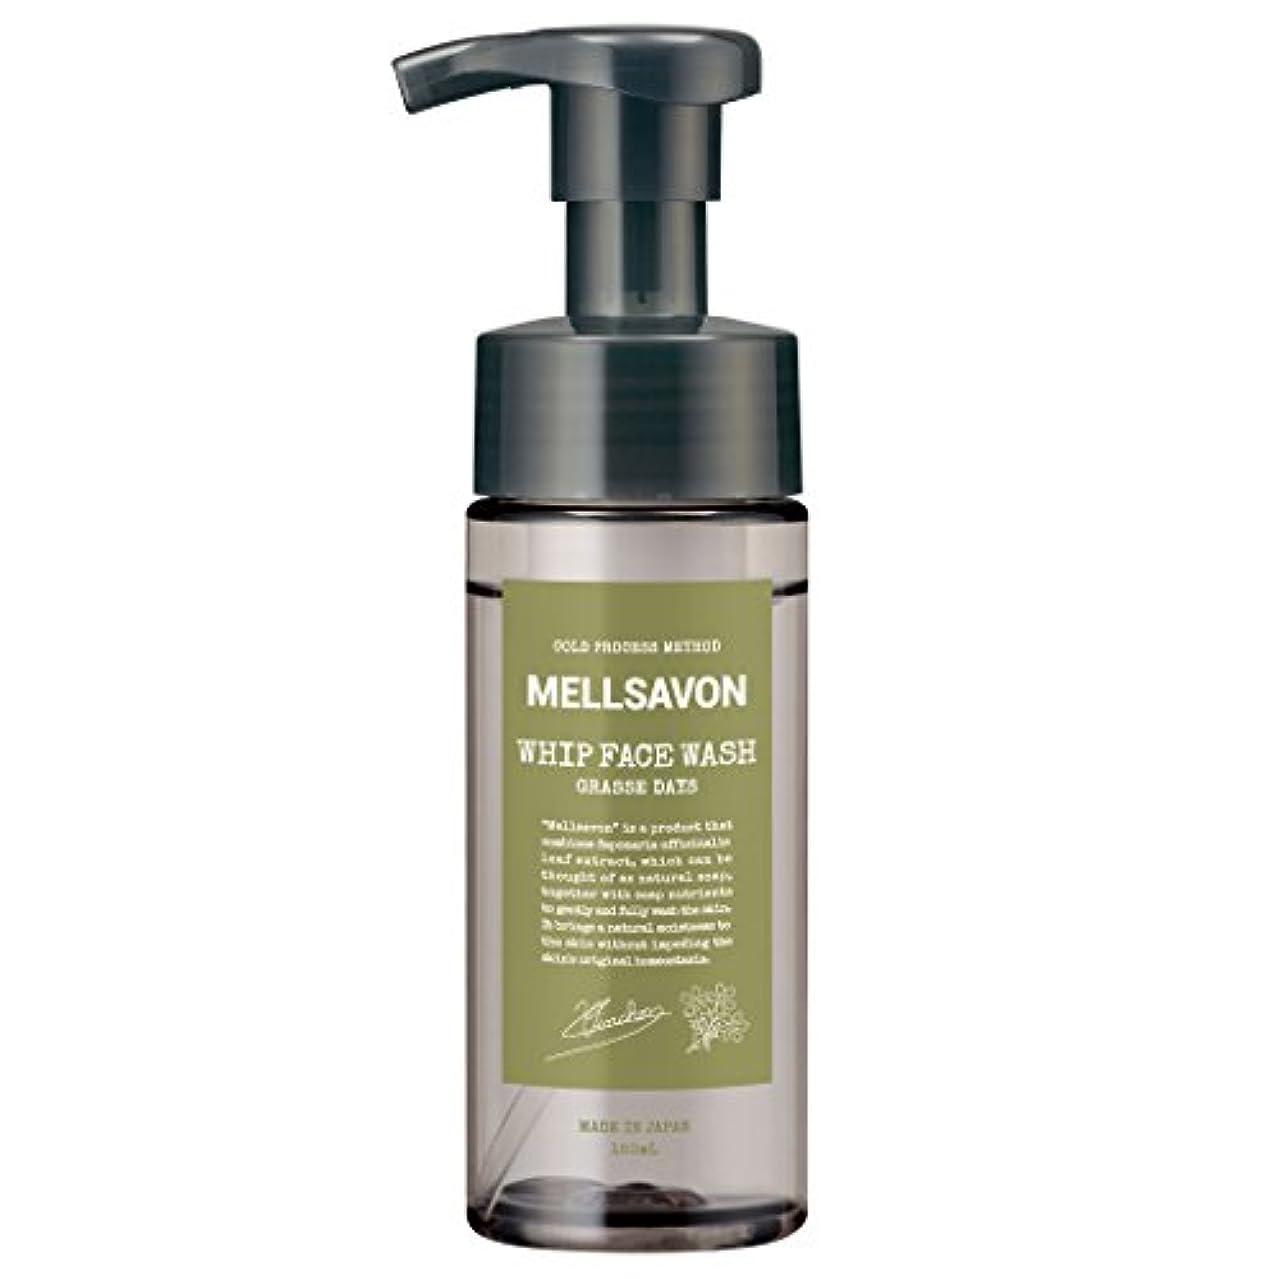 苗純粋な流すMellsavon(メルサボン) メルサボン ホイップフェイスウォッシュ グラースデイズ 150mL 洗顔